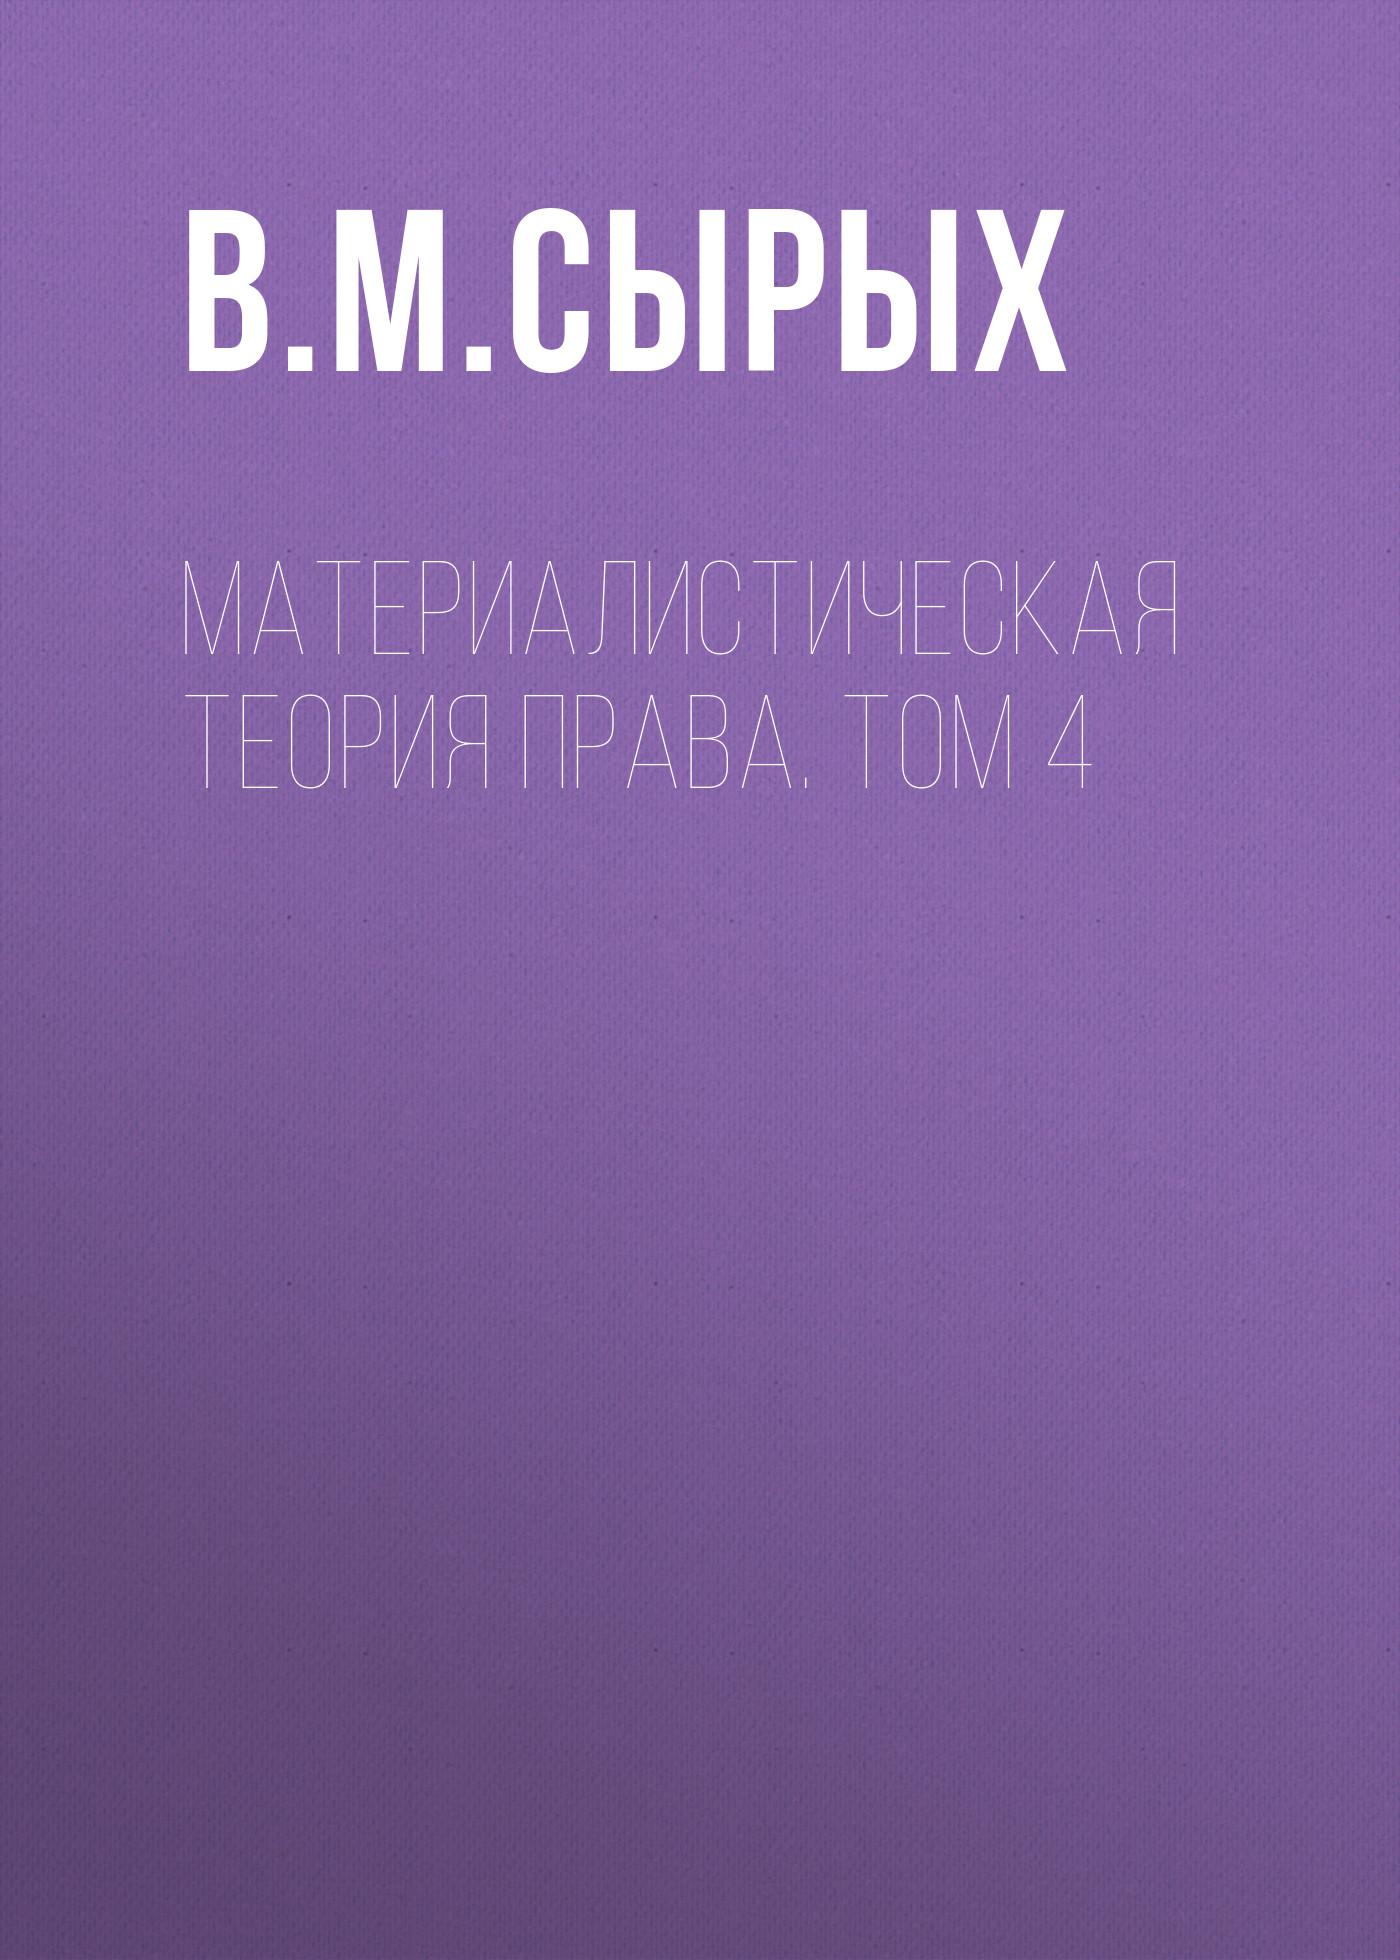 В. М. Сырых Материалистическая теория права. Том 4